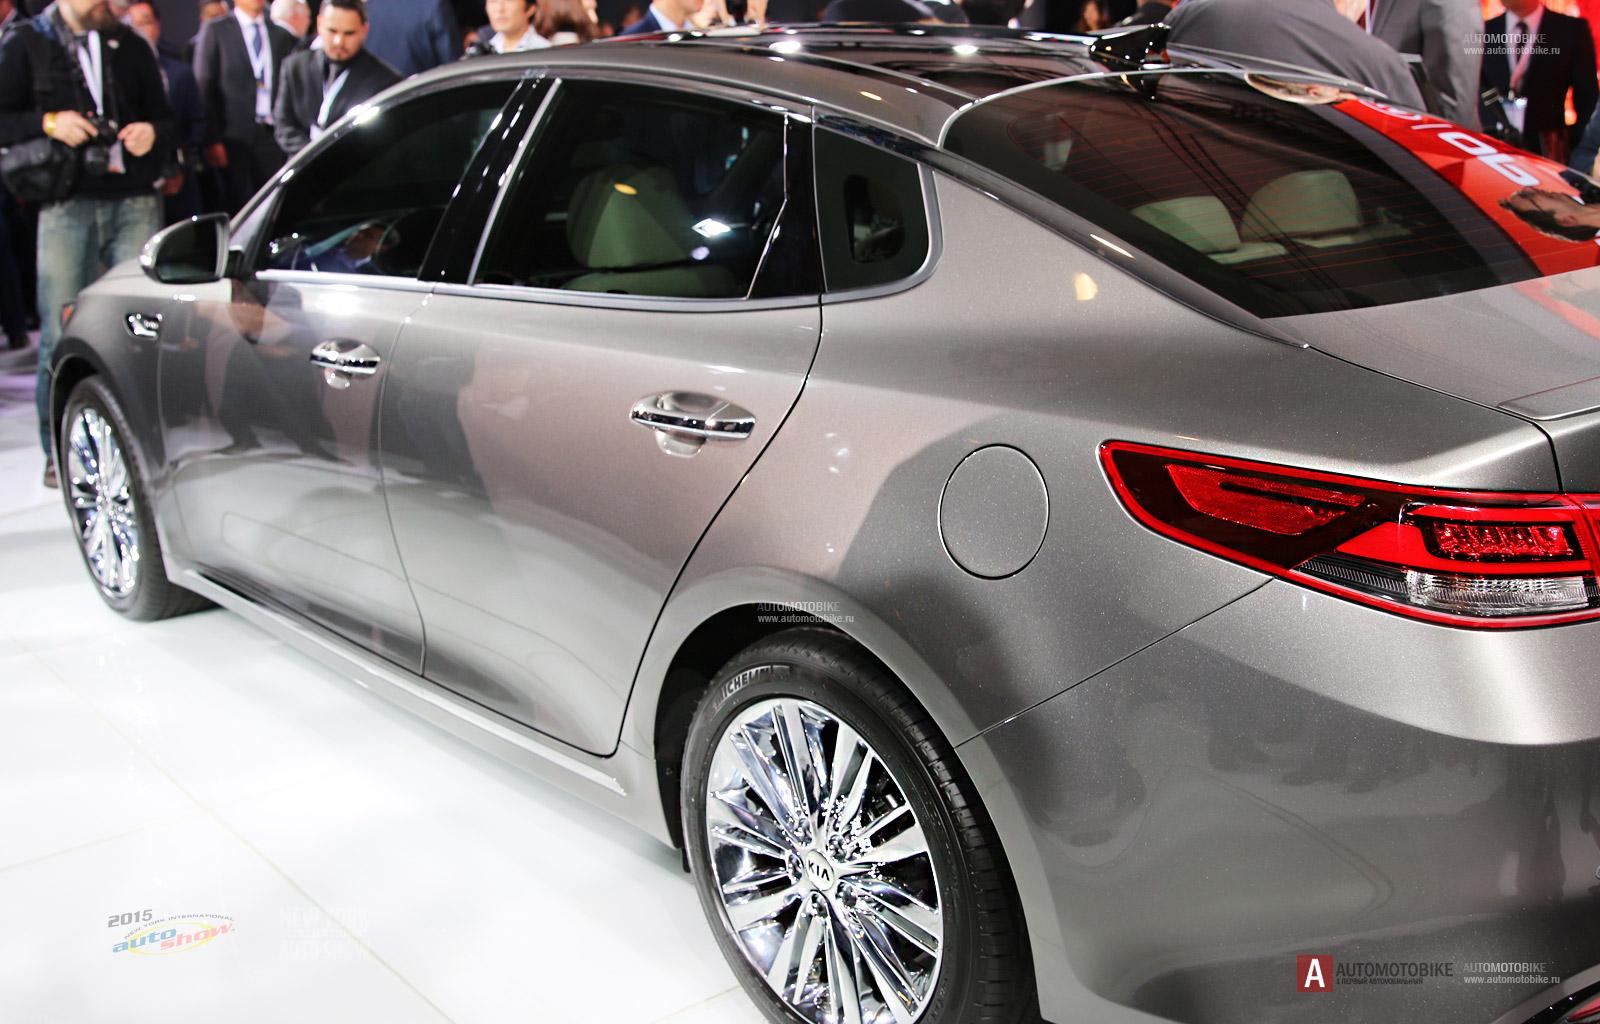 Новая Киа Оптима 2016 модельного года на автосалоне в Нью Йорке полный обзор NYIAS KIA Optima 2016 next generation